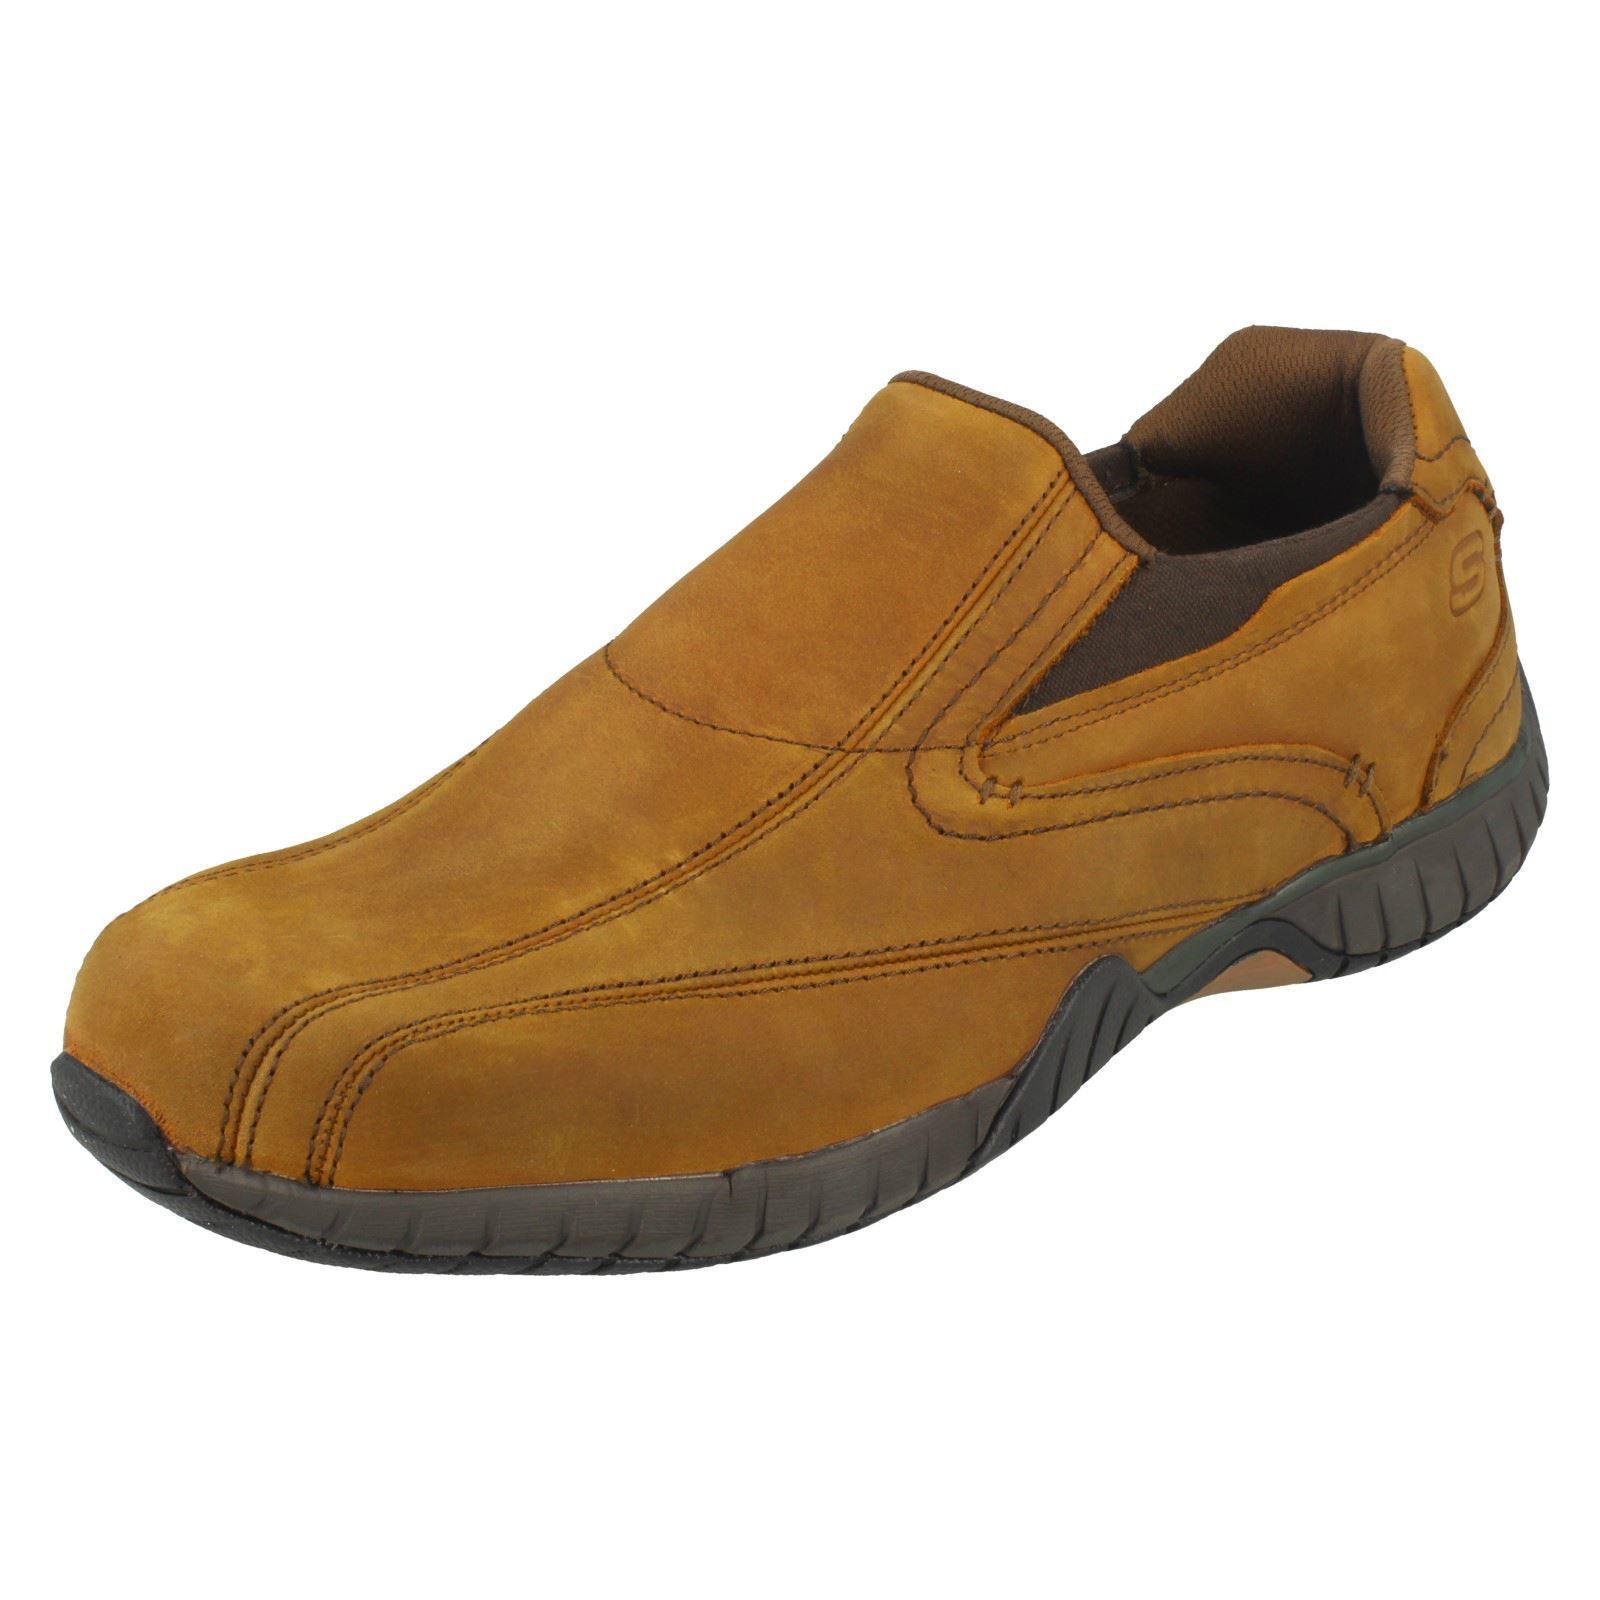 Mens Bascom Slip On Informal Zapato/entrenador by Skechers  55.00